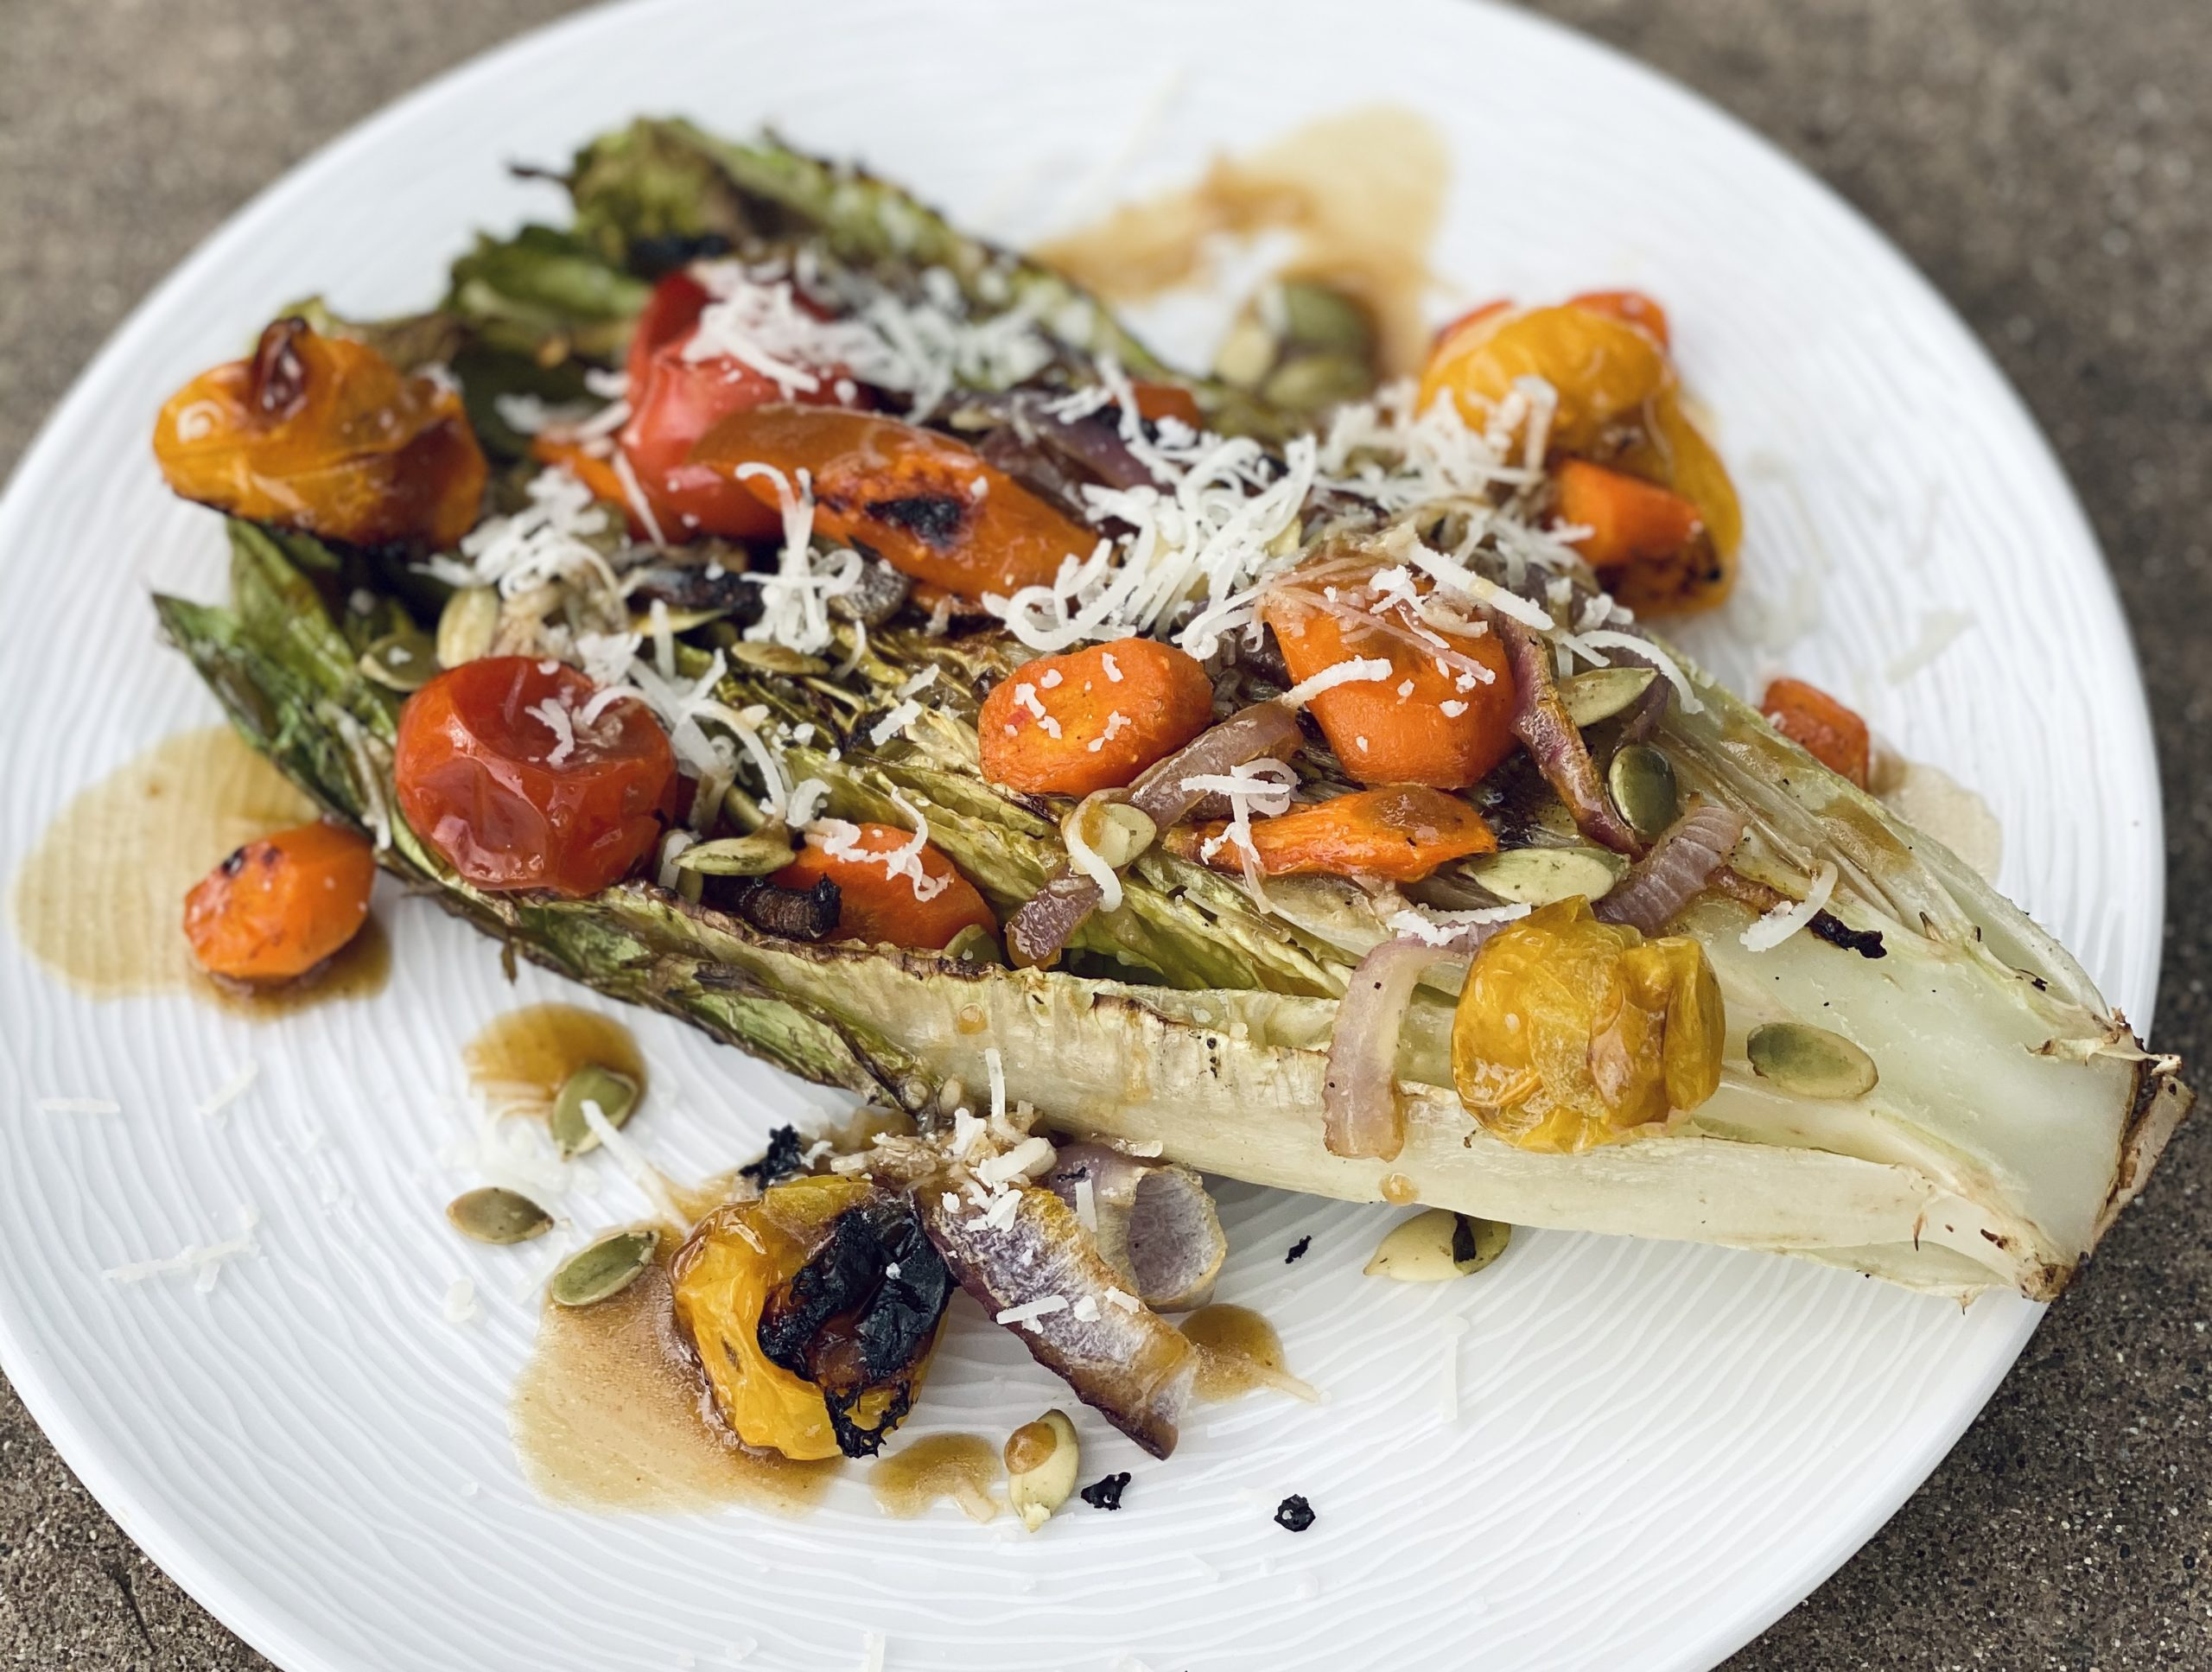 Summer Grilled Salad